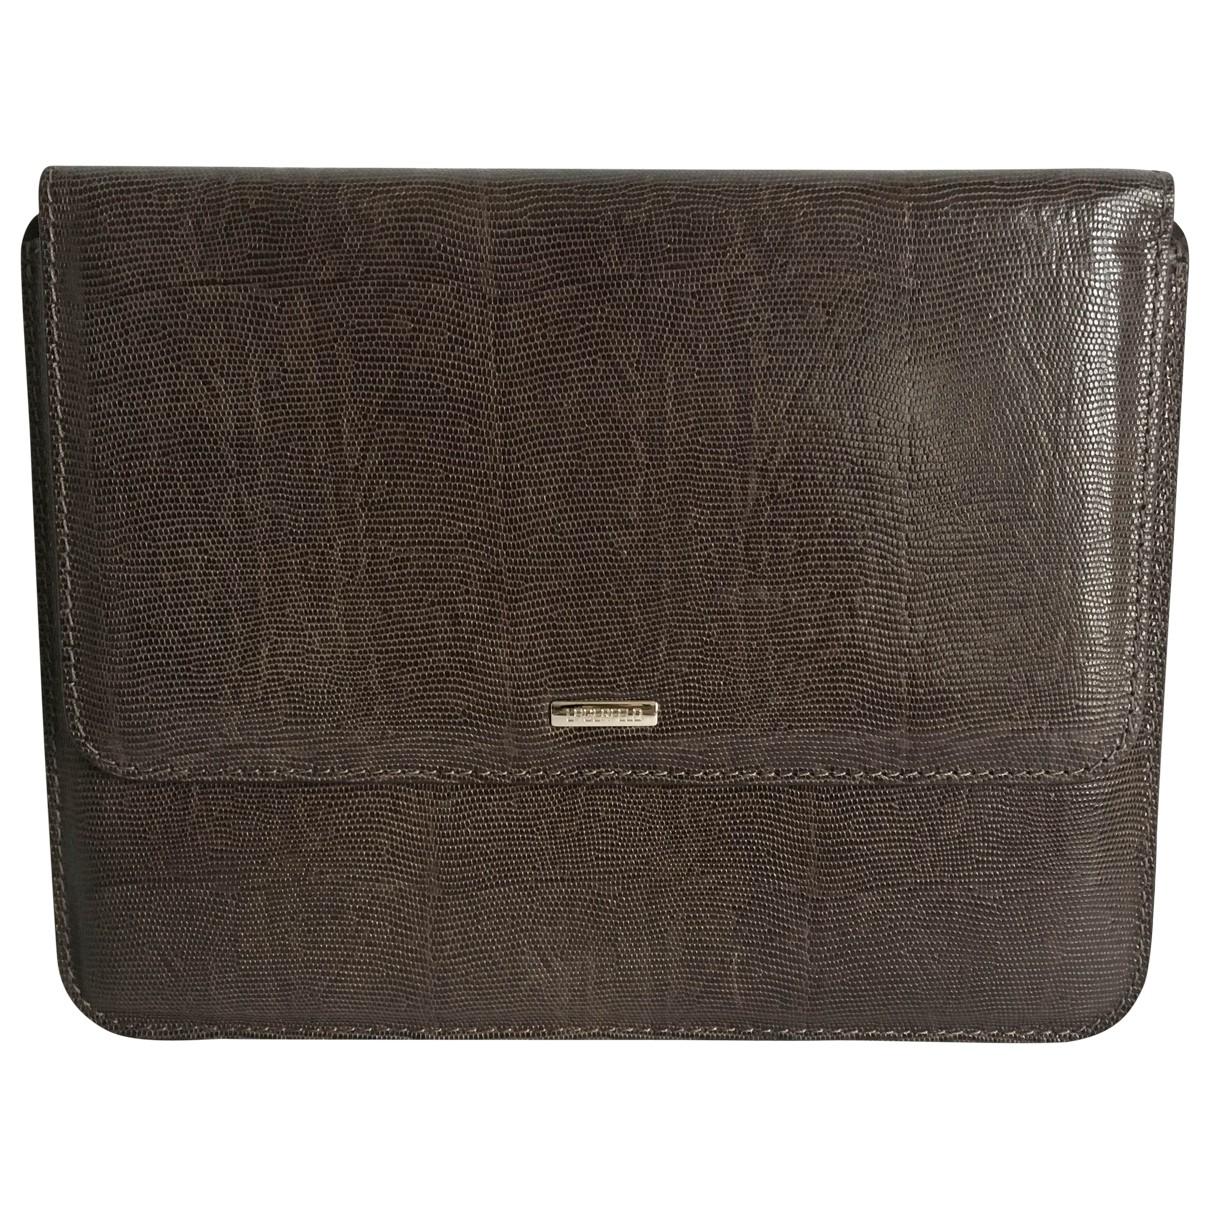 Karl Lagerfeld - Accessoires   pour lifestyle en cuir - marron